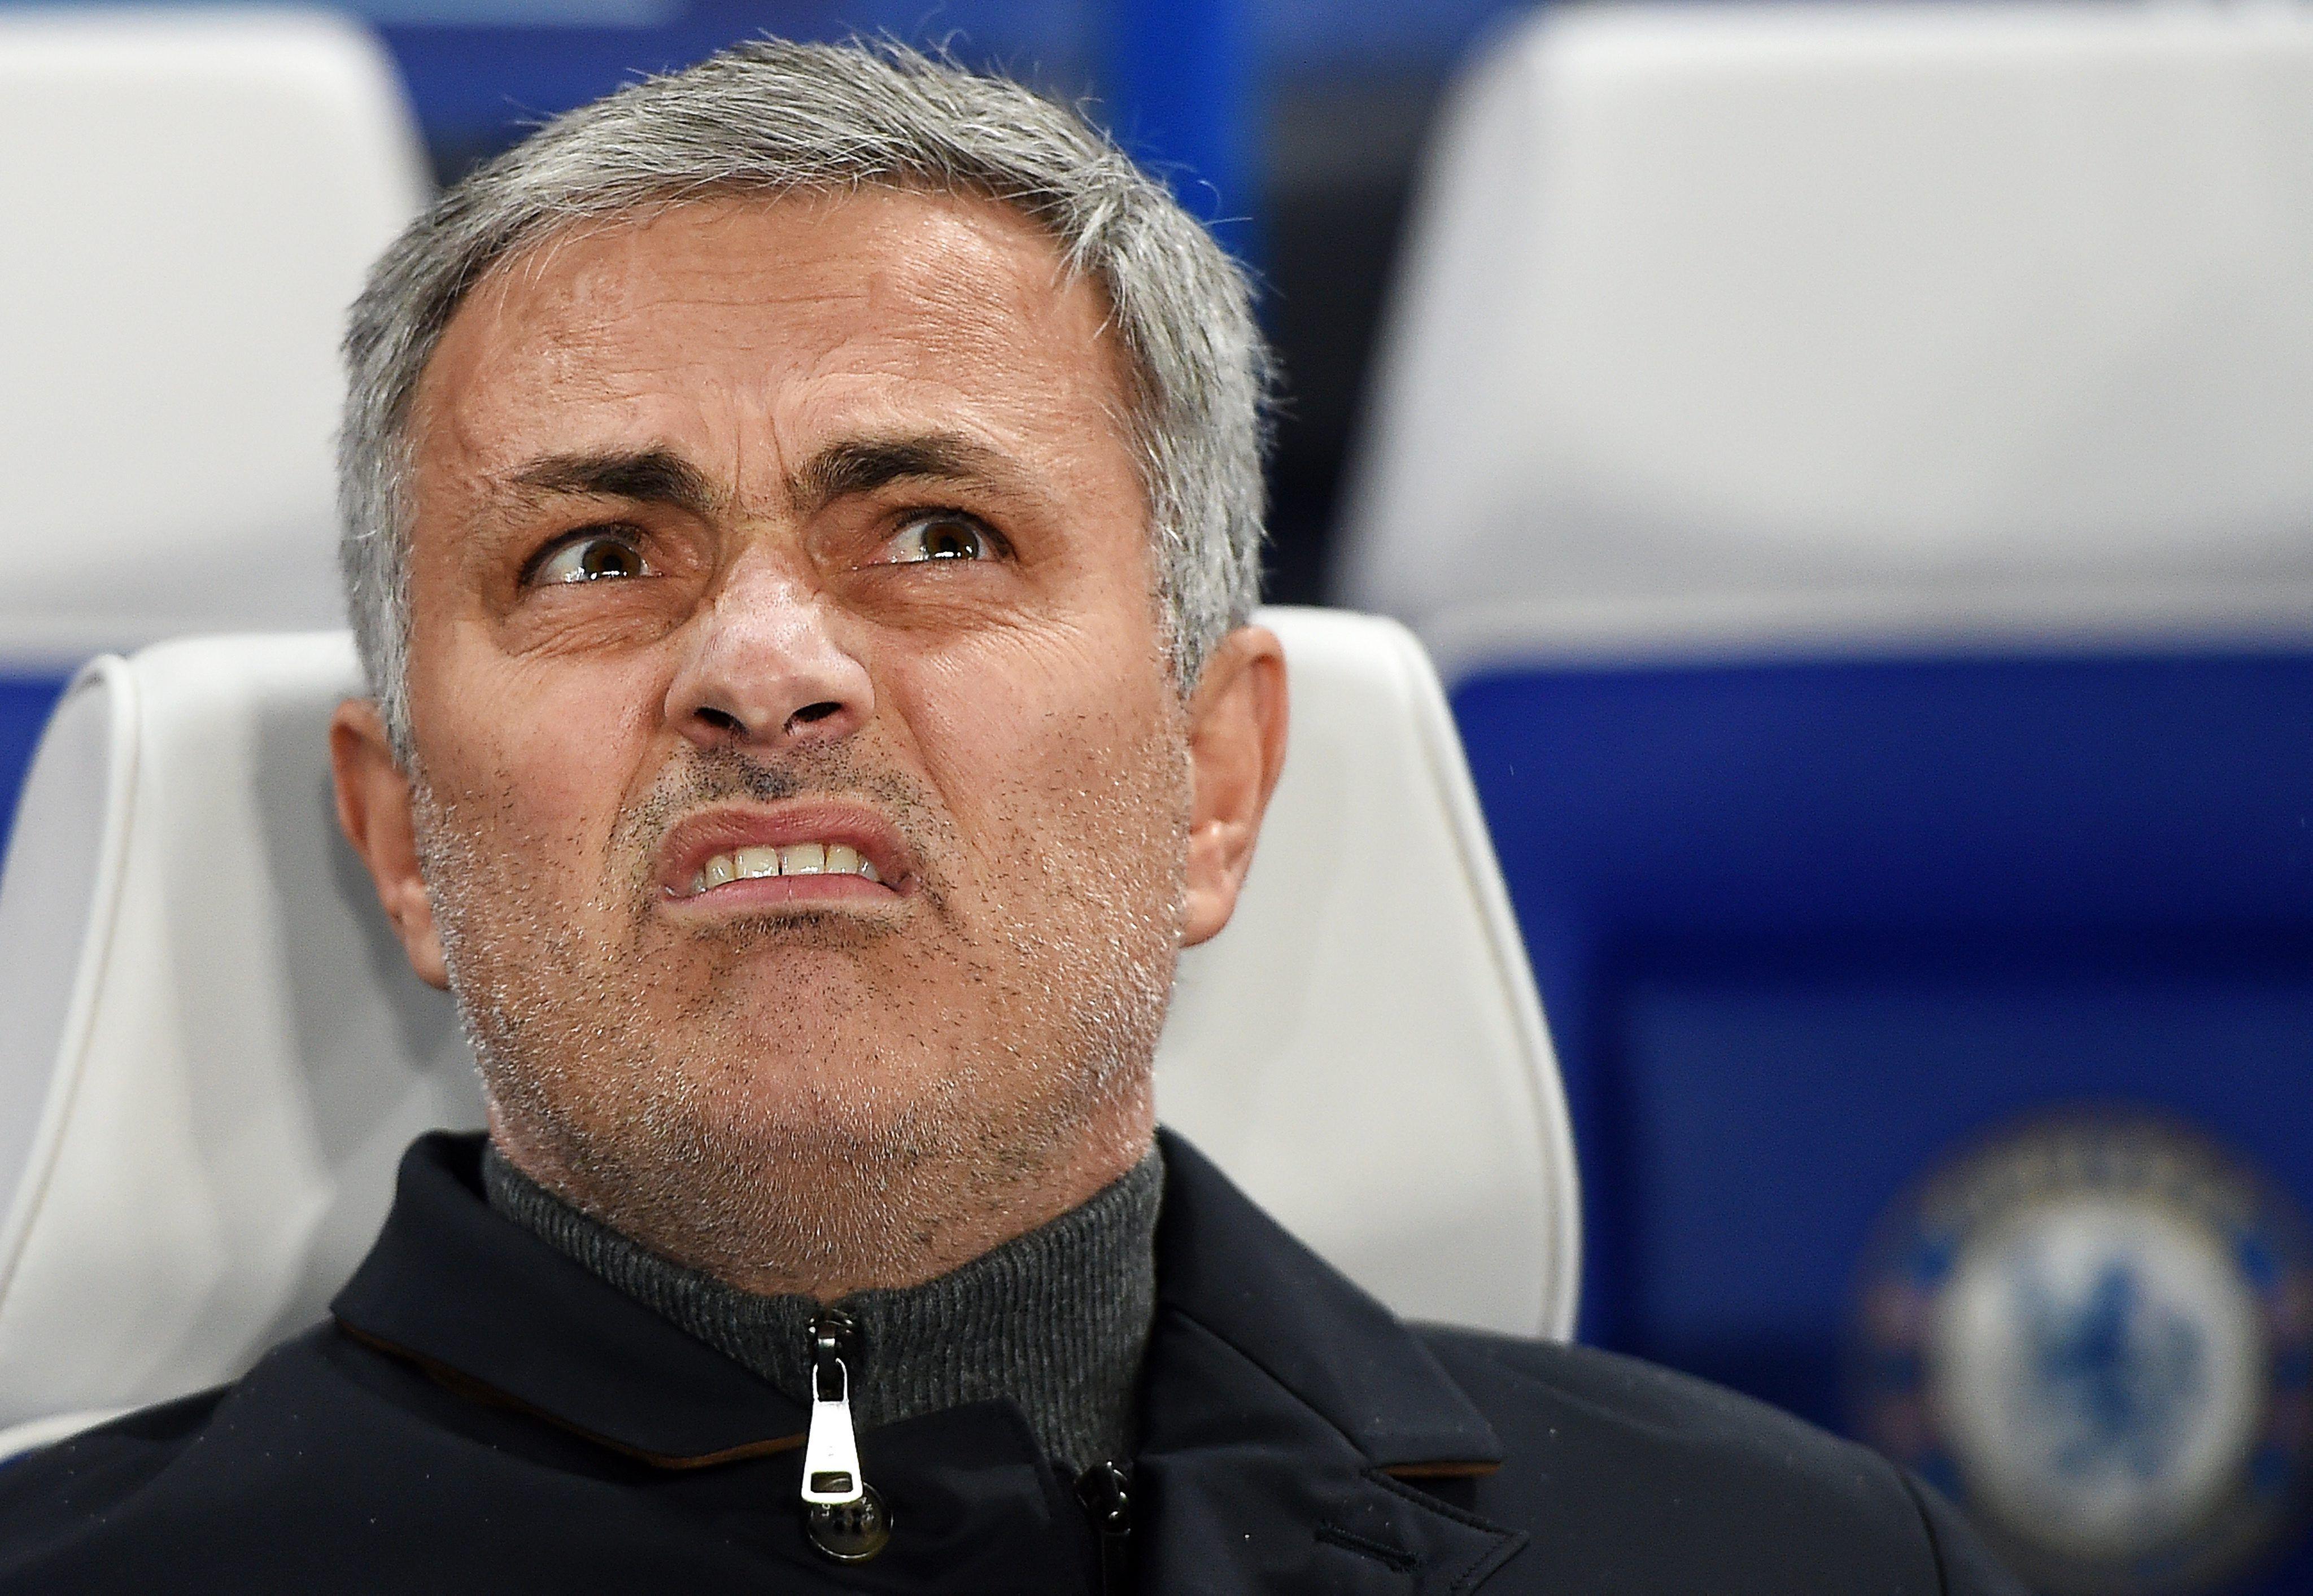 Por los malos resultados, echaron a Mourinho del Chelsea